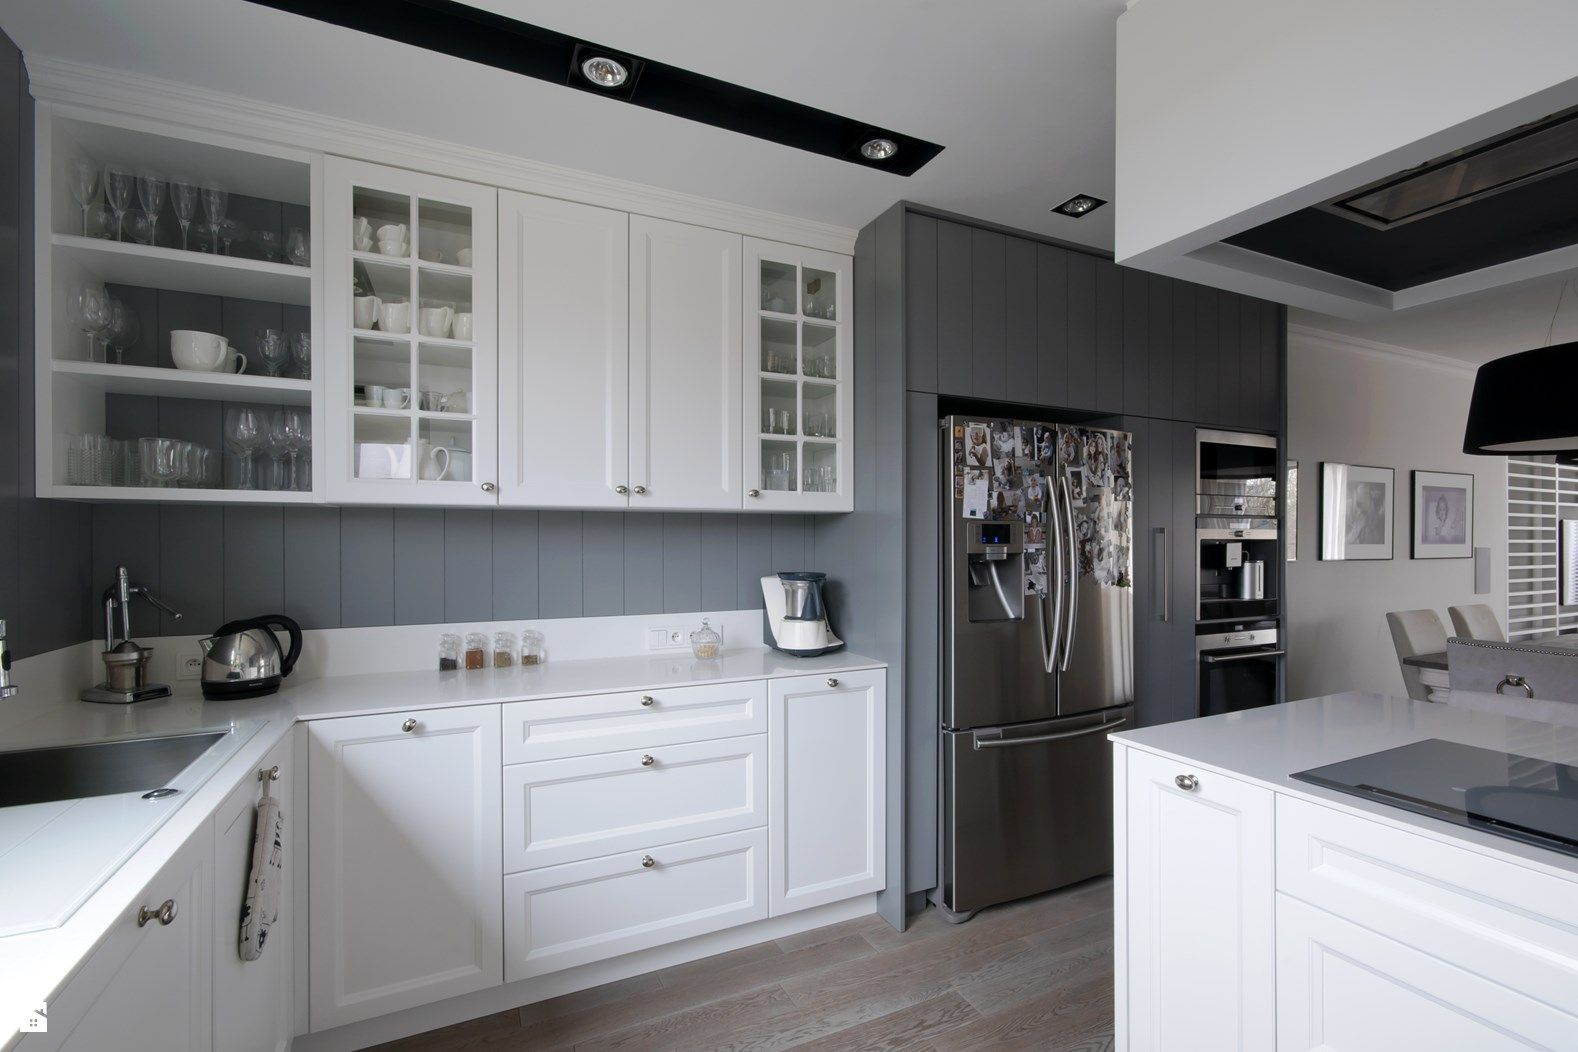 Wystrój wnętrz  Kuchnia  styl Skandynawski Projekty i   -> Kuchnia Z Jadalnią Inspiracje